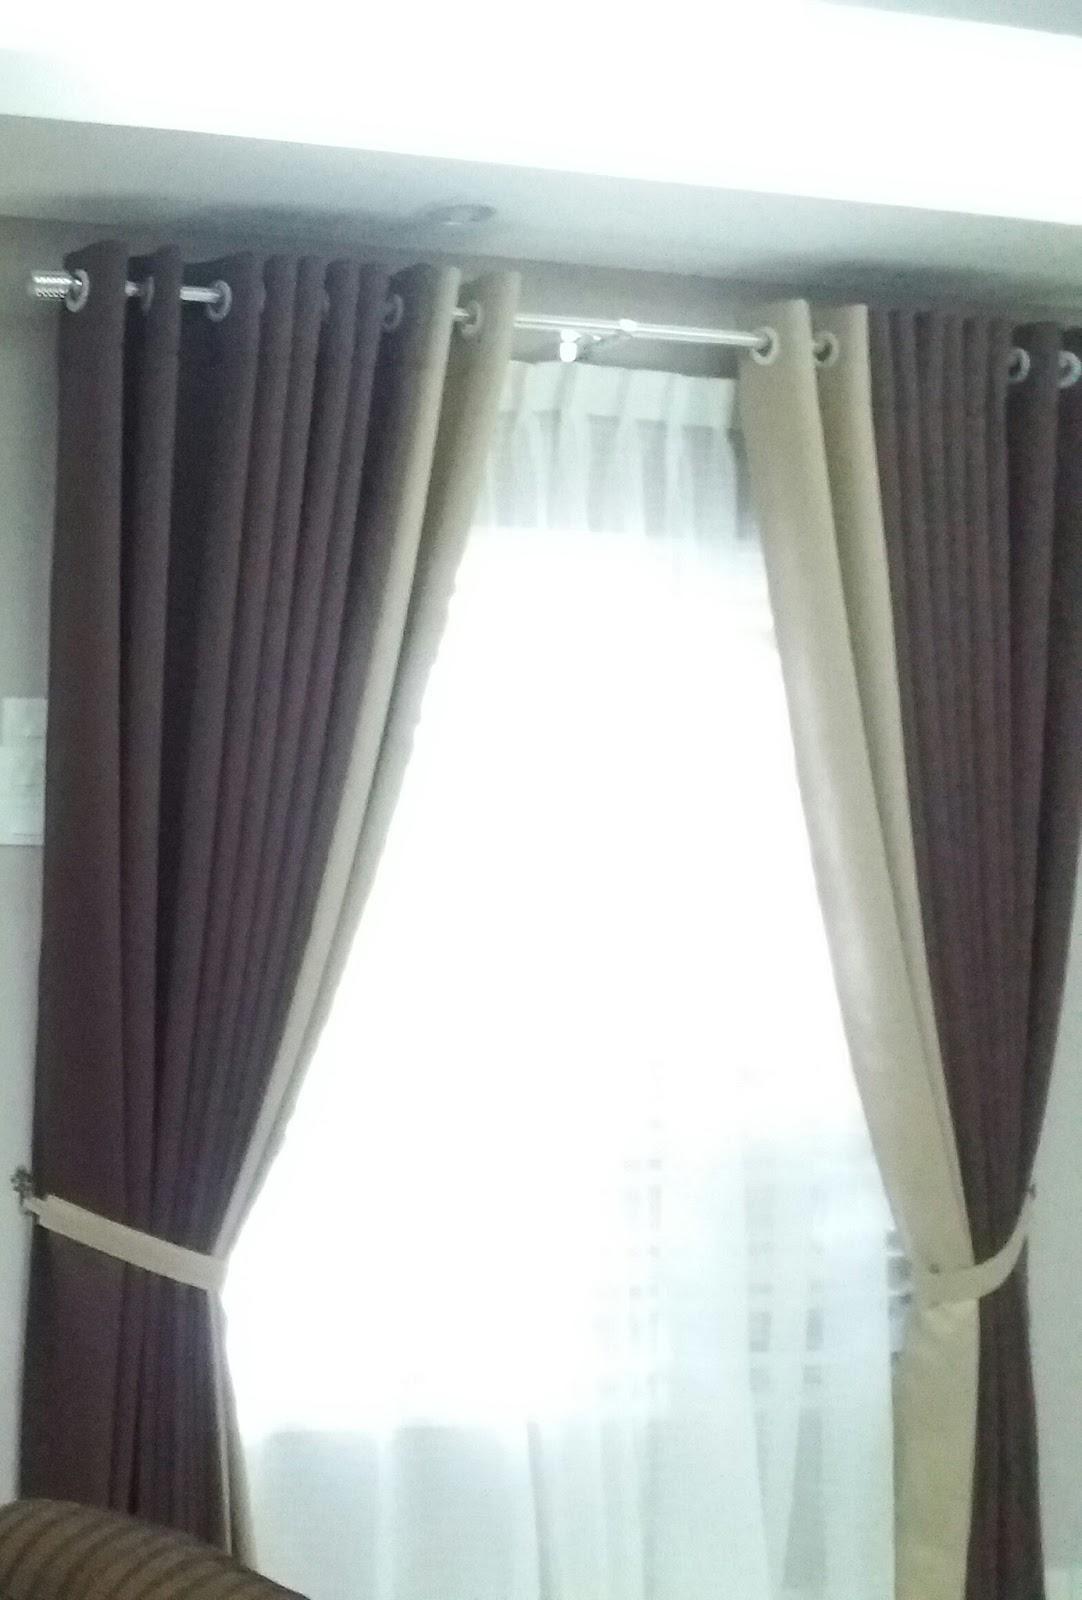 Ini Antara Pic Yg Terbaru Ya Rata2nya Owner Puashati Layan Je Untuk Info Tentang Tempahan Langsir Biasa Akak Up Date Dekat Fb Idanis Curtain